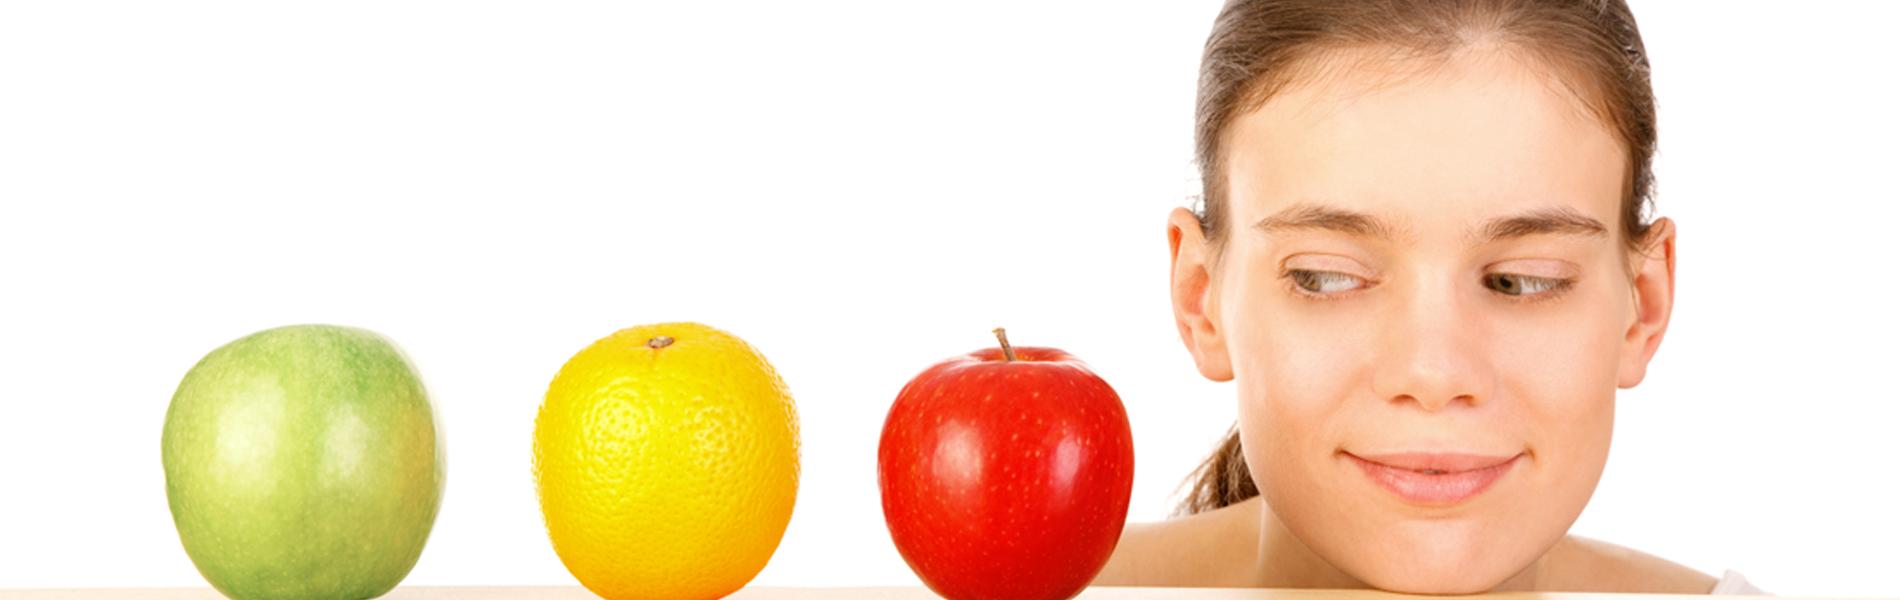 asesora-nutricional-slider-1